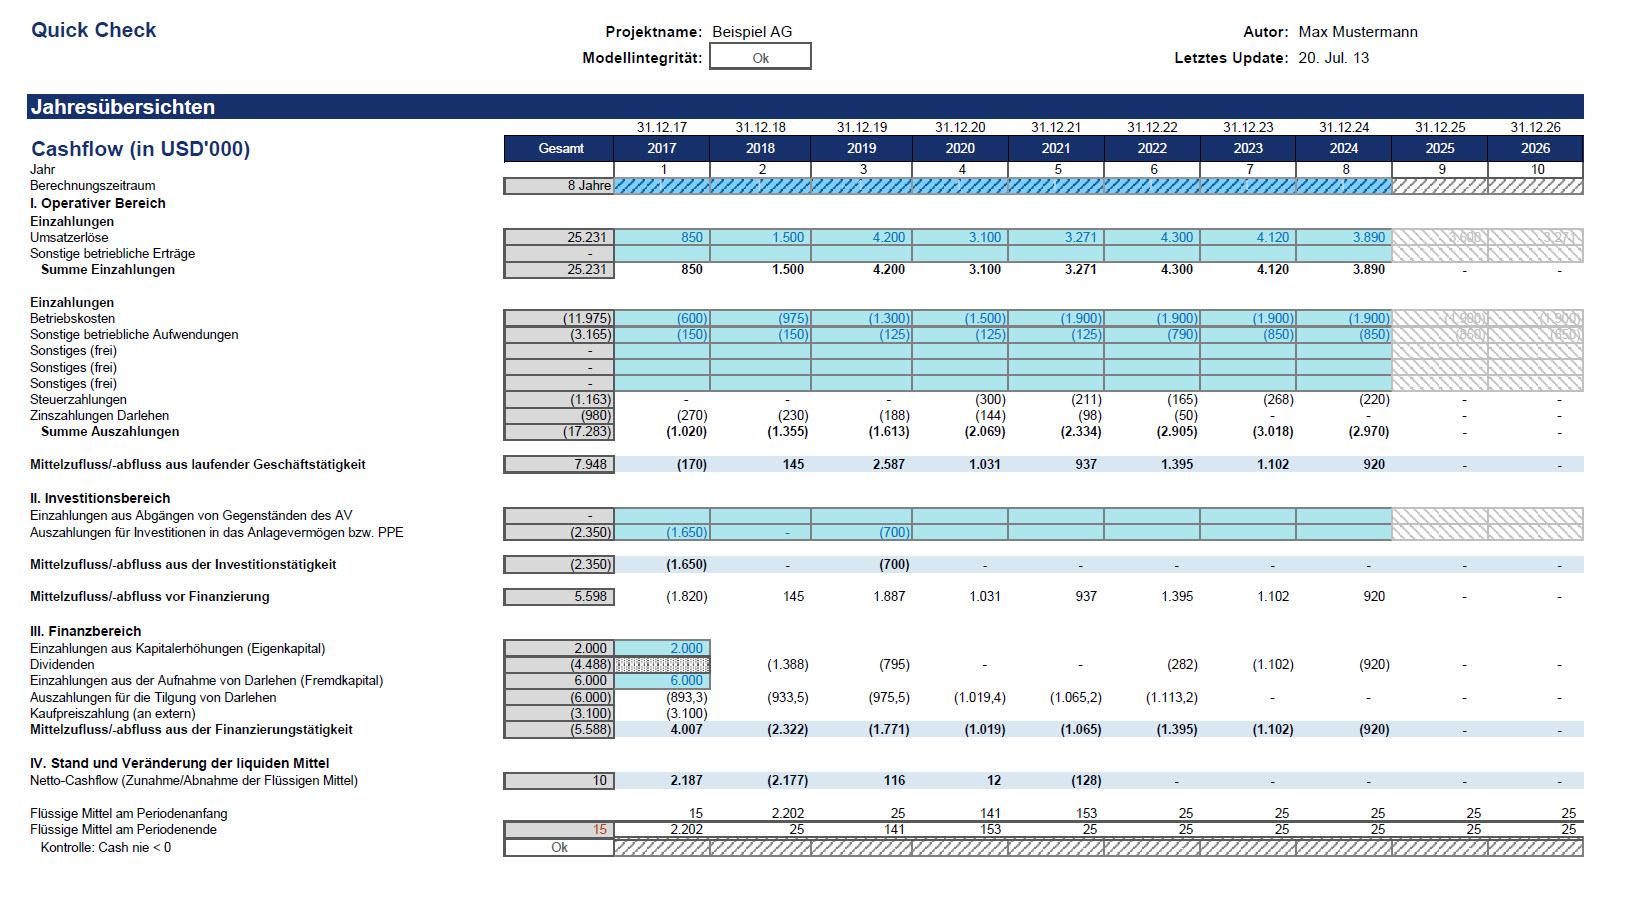 Neues Excel-Tool zur Prüfung von Unternehmenskäufen oder ...